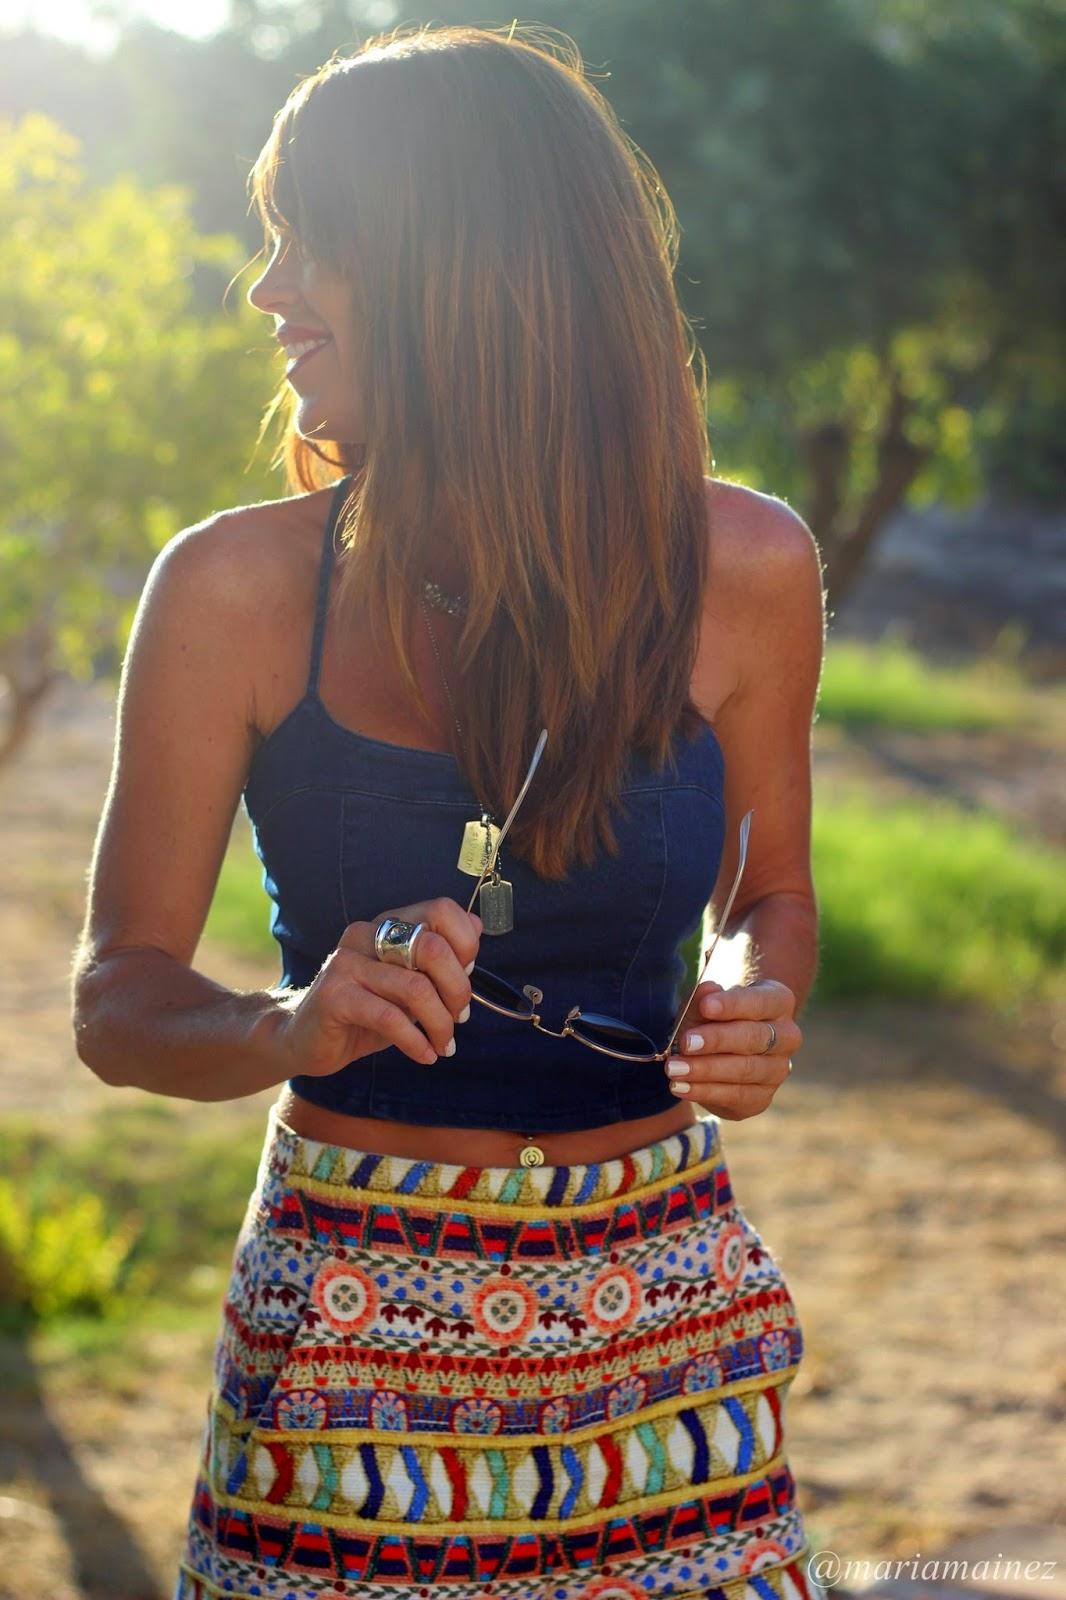 Atardecer - Smile - shorts colores - tendencias 2014